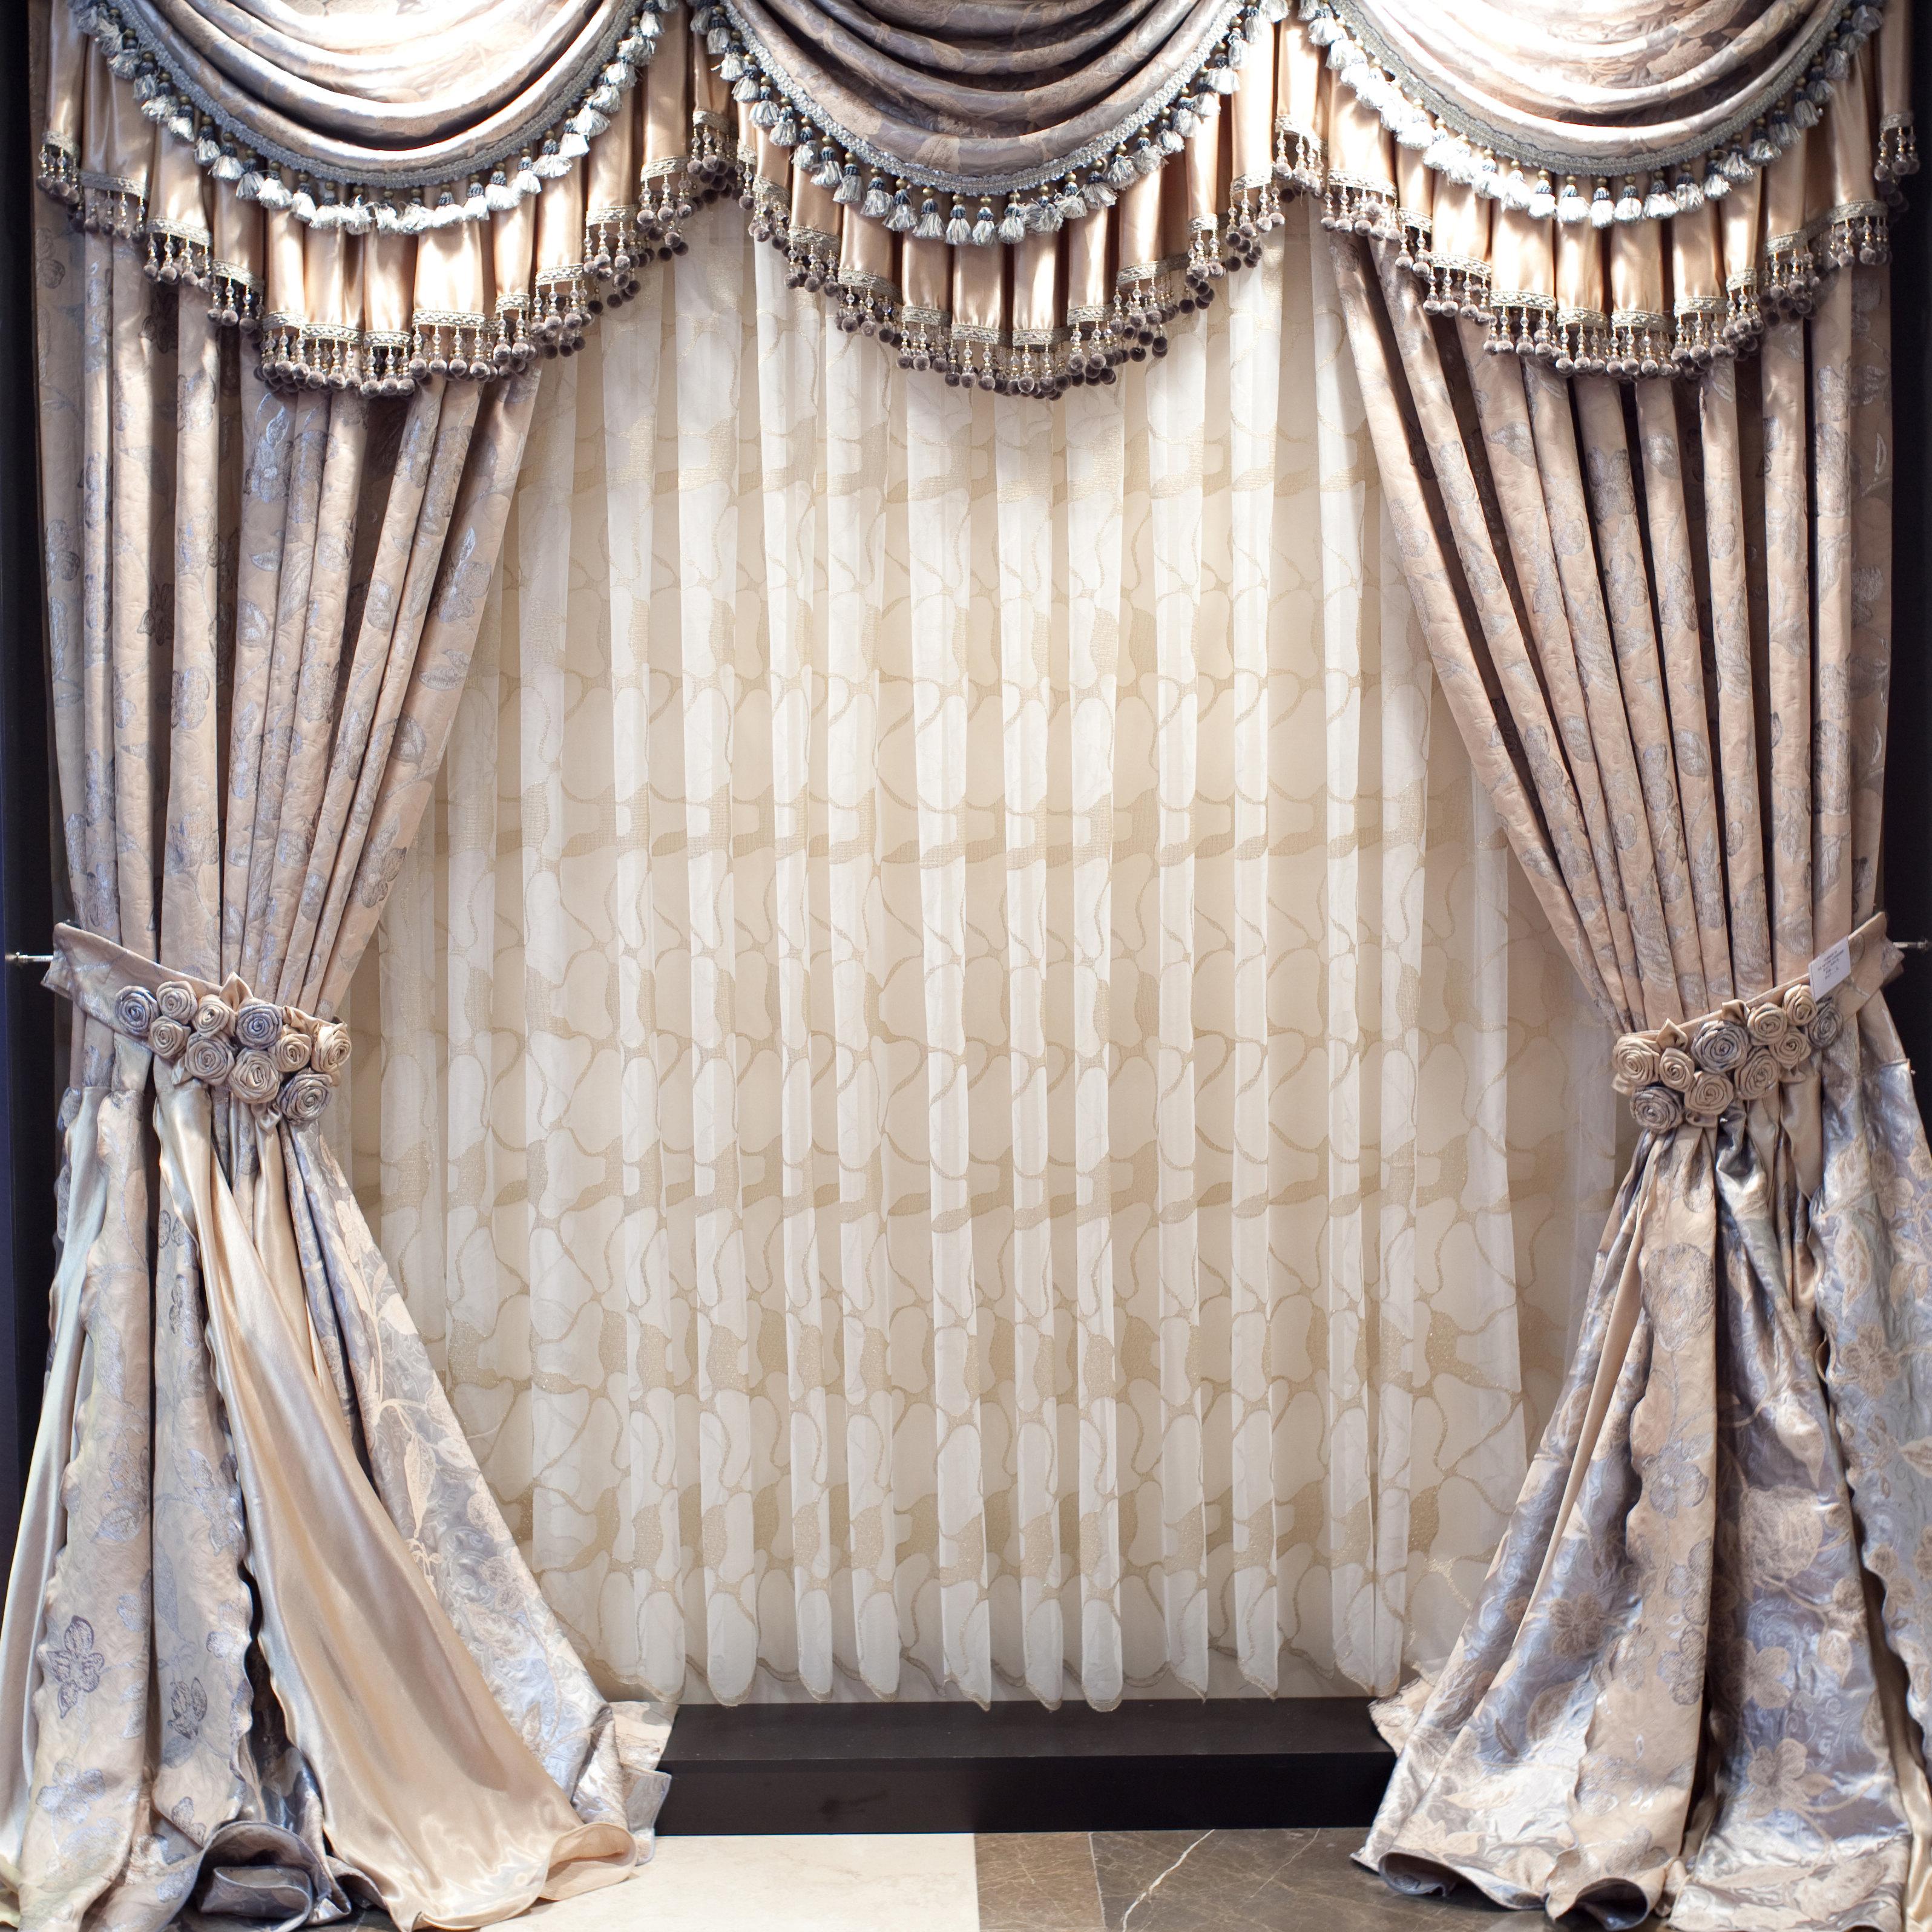 Charmeuse Stretch Satin Spandex apparel curtains backdrops wedding 65 yard roll